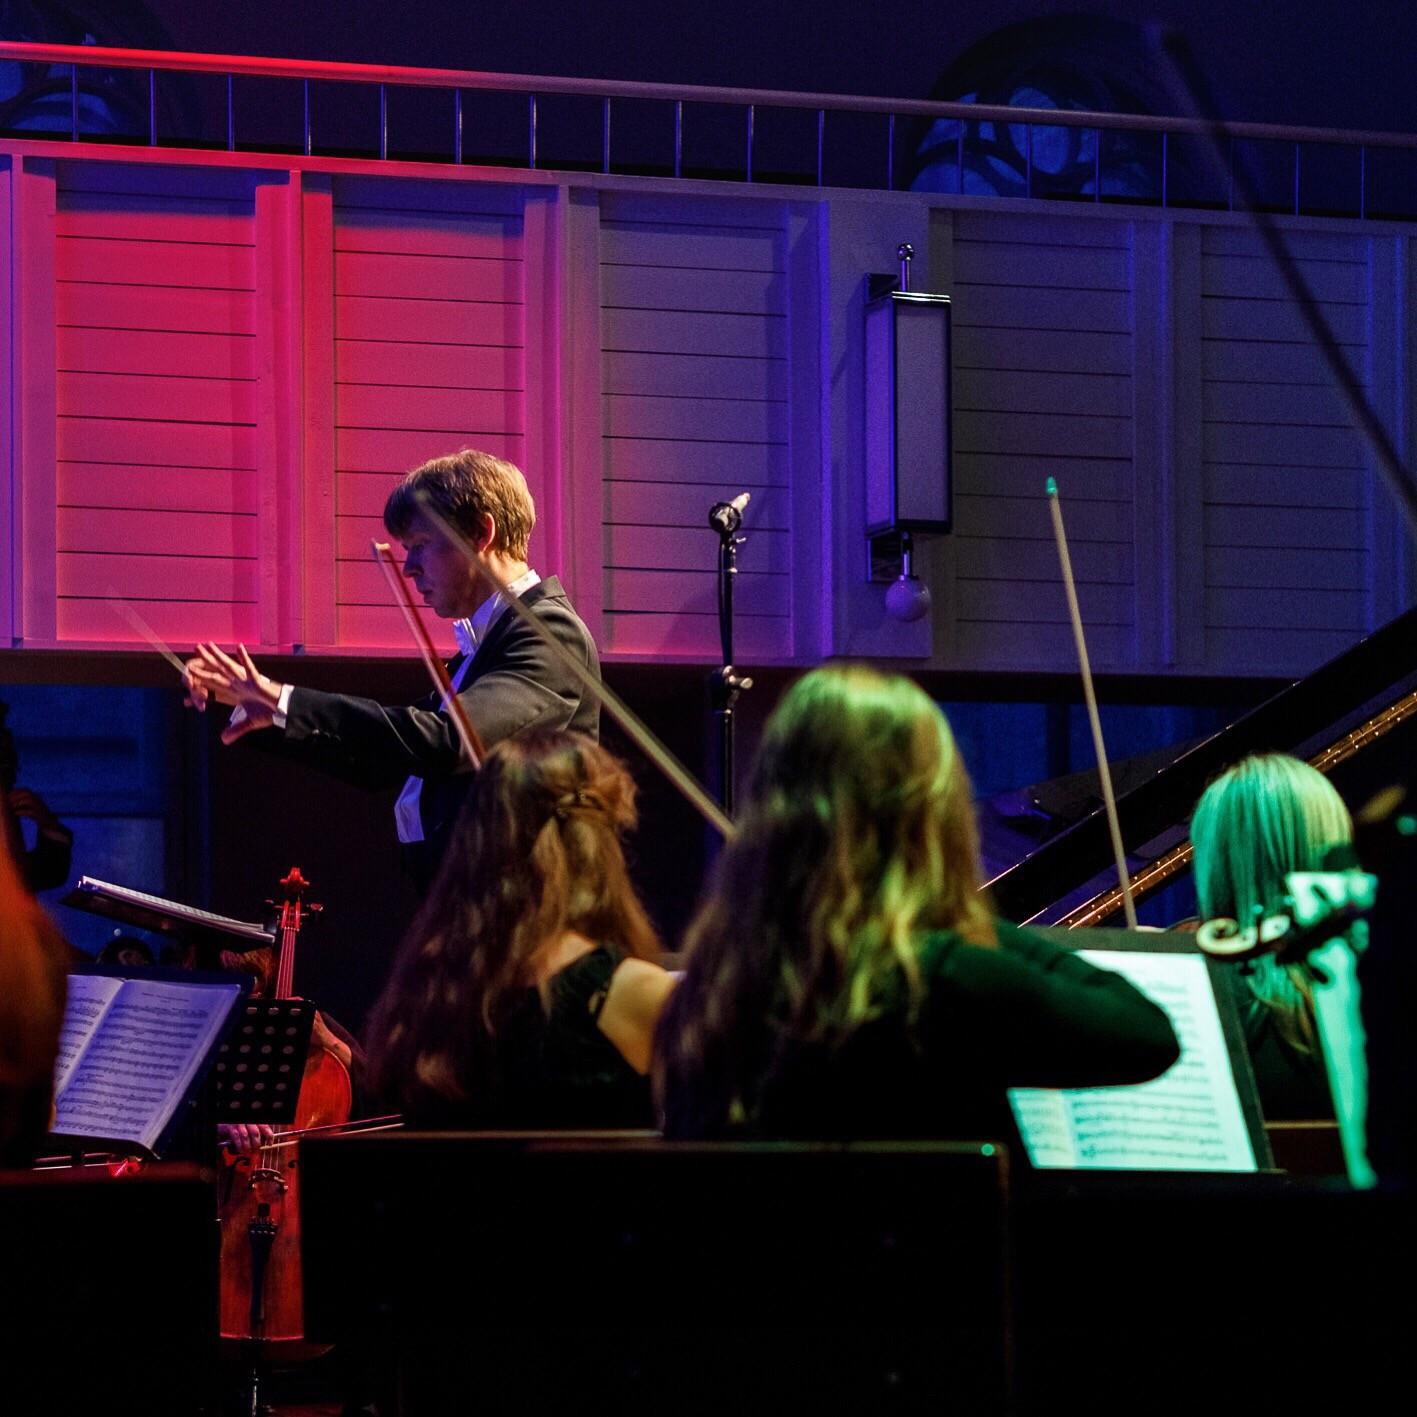 Концерт «Саундтреки в исполнении симфонического оркестра» со скидкой 50%